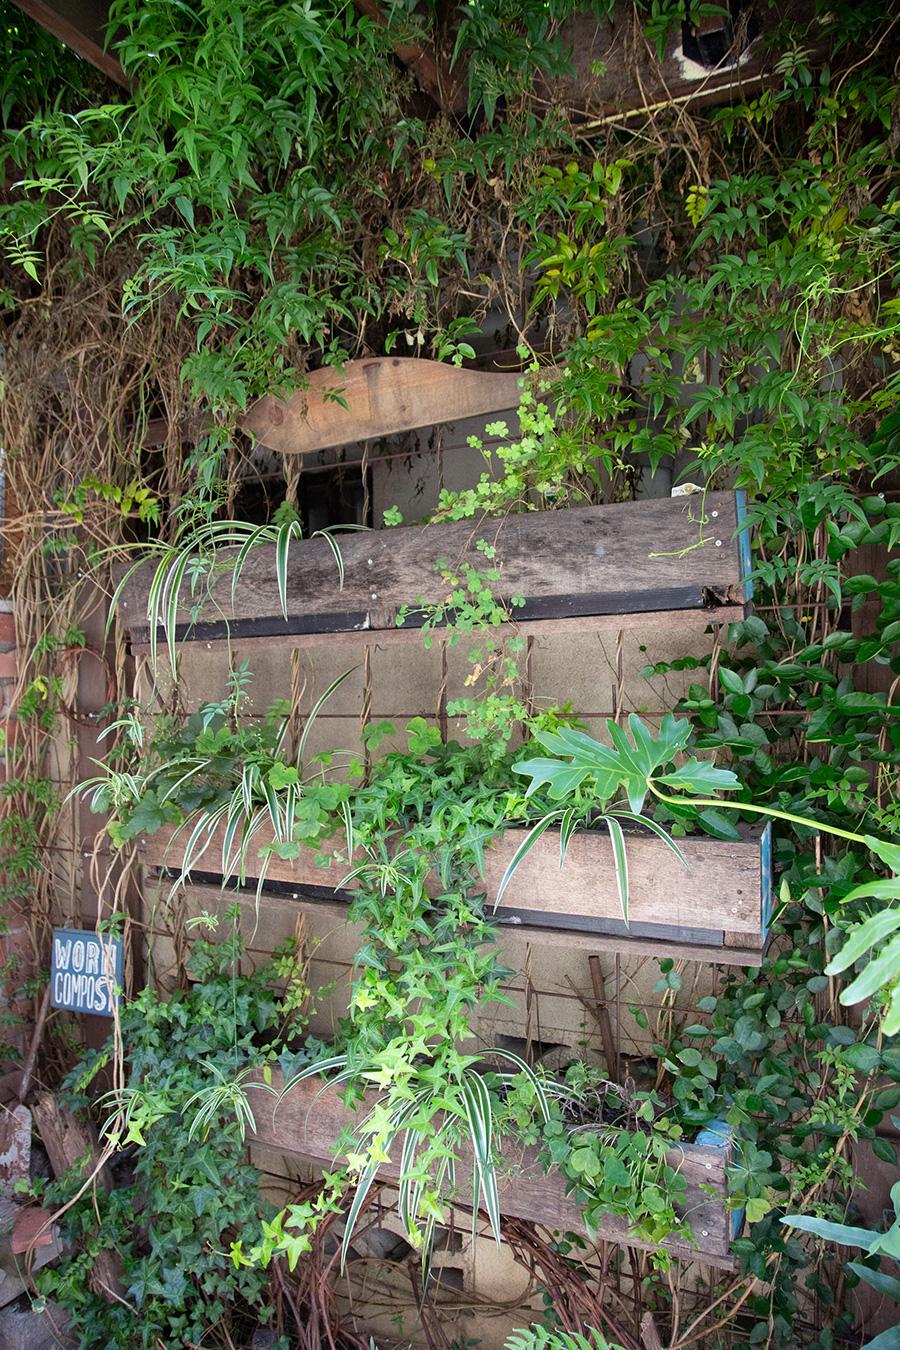 『DIY STUDIO』の外のスペースのプランターボックスは廃材を活用したDIY。同じくDIYしたコンポストボックスや雨水タンクもある。